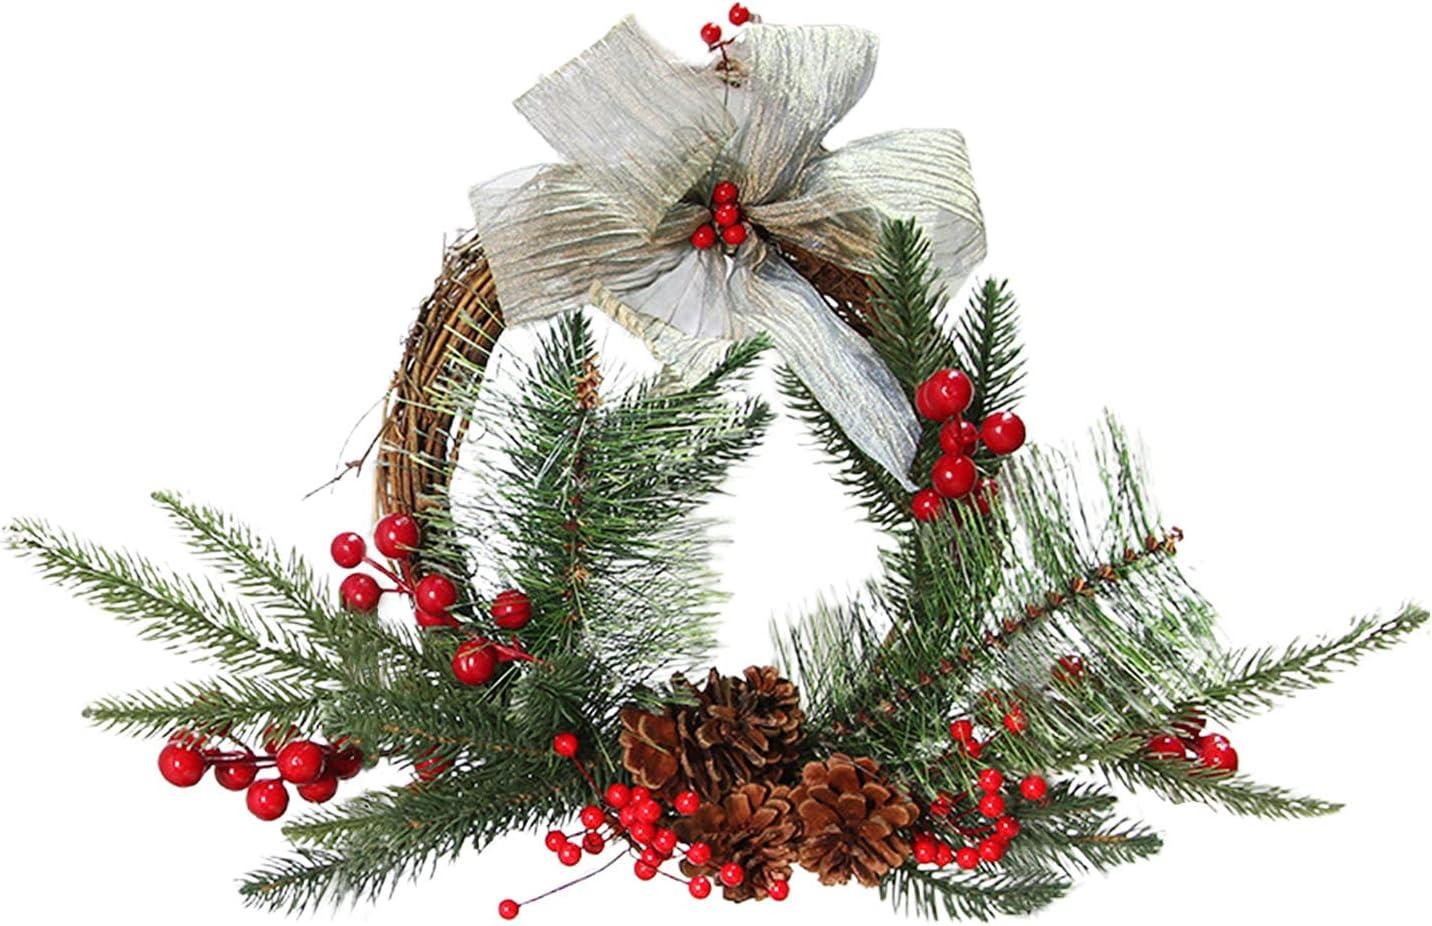 YLSZHY Corona de Navidad con bayas y cono de pino, corona de decoración de puerta frontal de pino artificial para decoración de interiores y exteriores navideñas